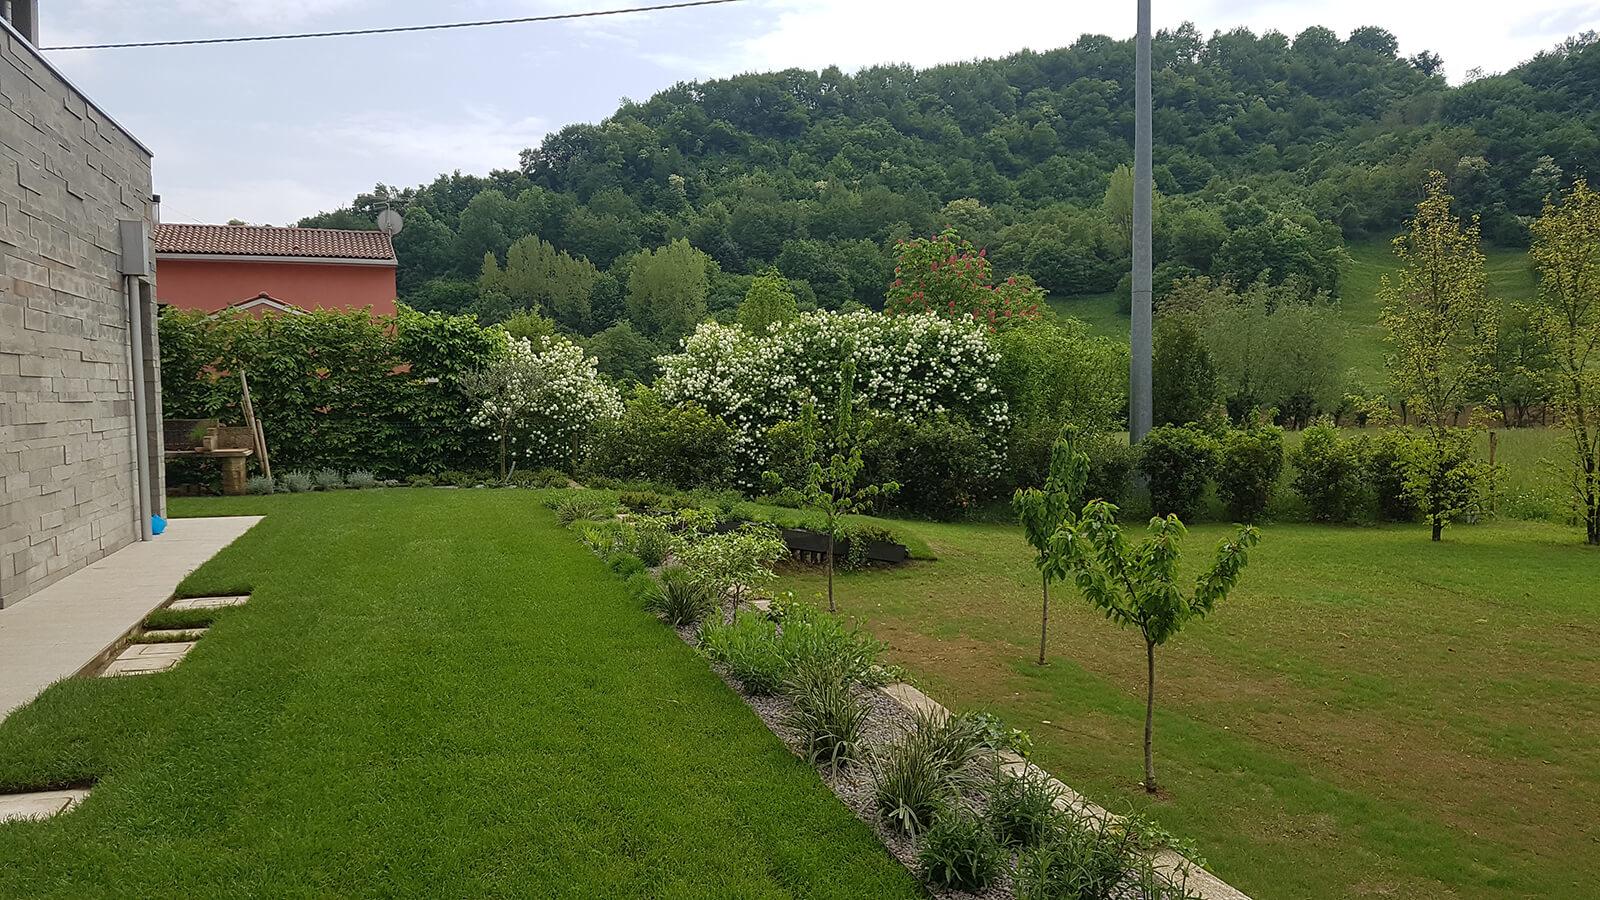 progettazione realizzazione giardini marostica - verde blu giardini 8